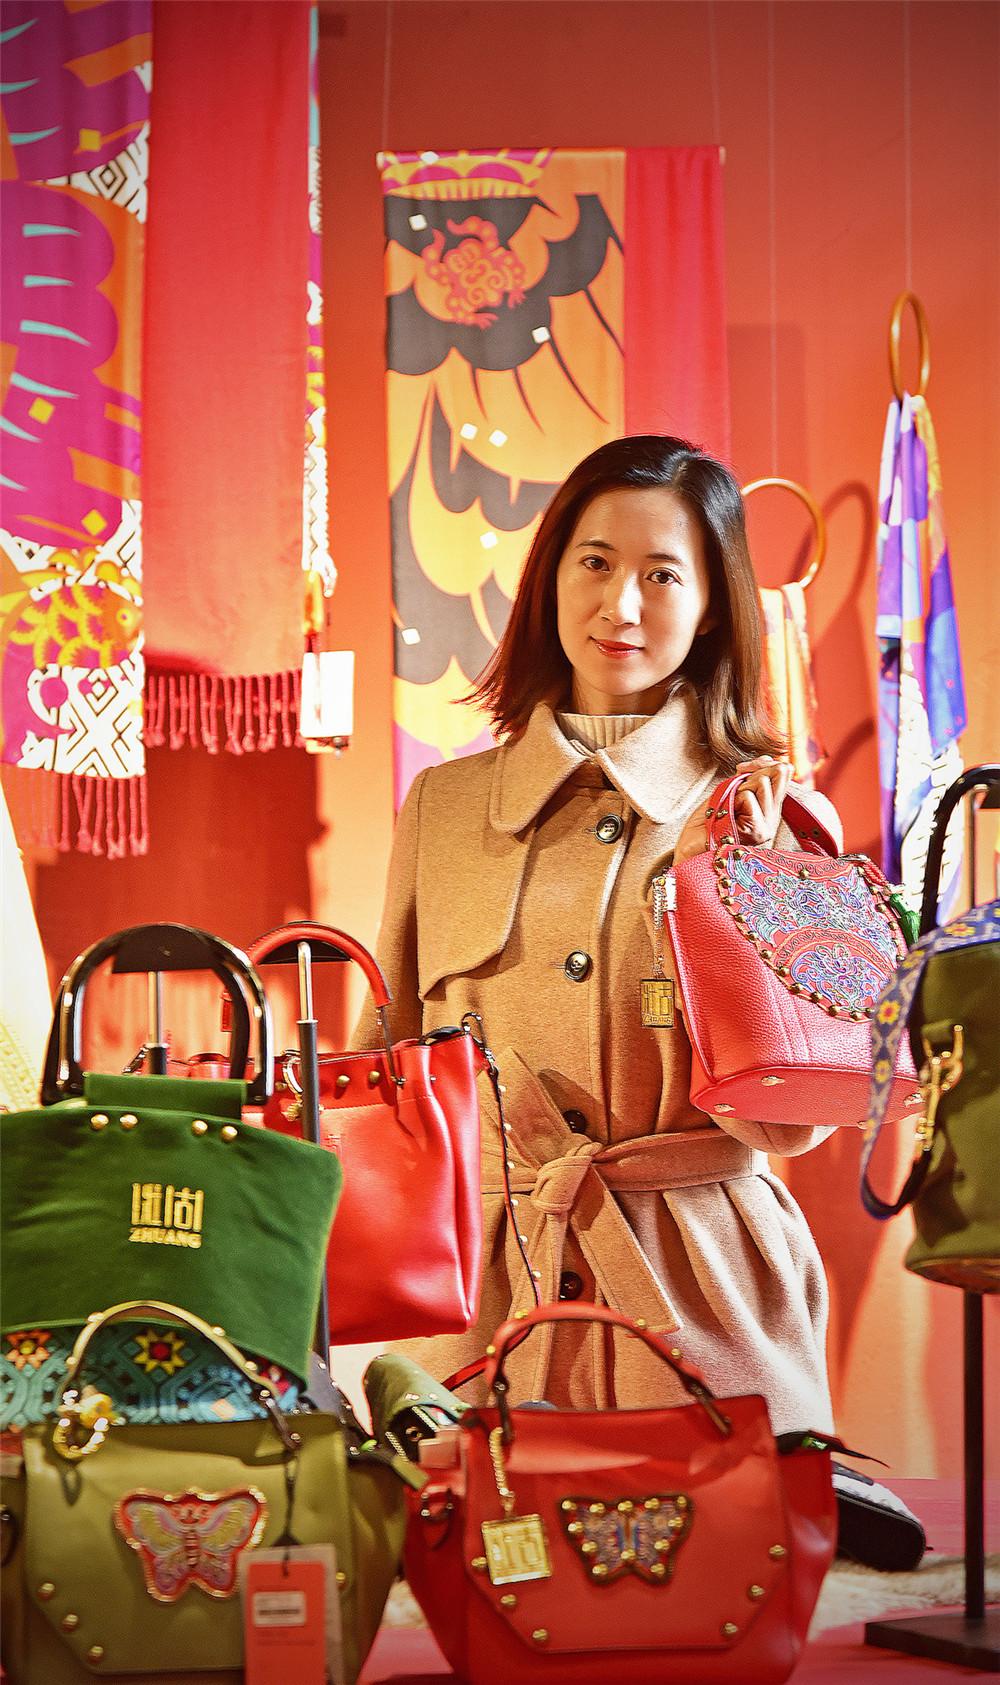 广西壮锦山河文化发展有限公司向全区人民拜年